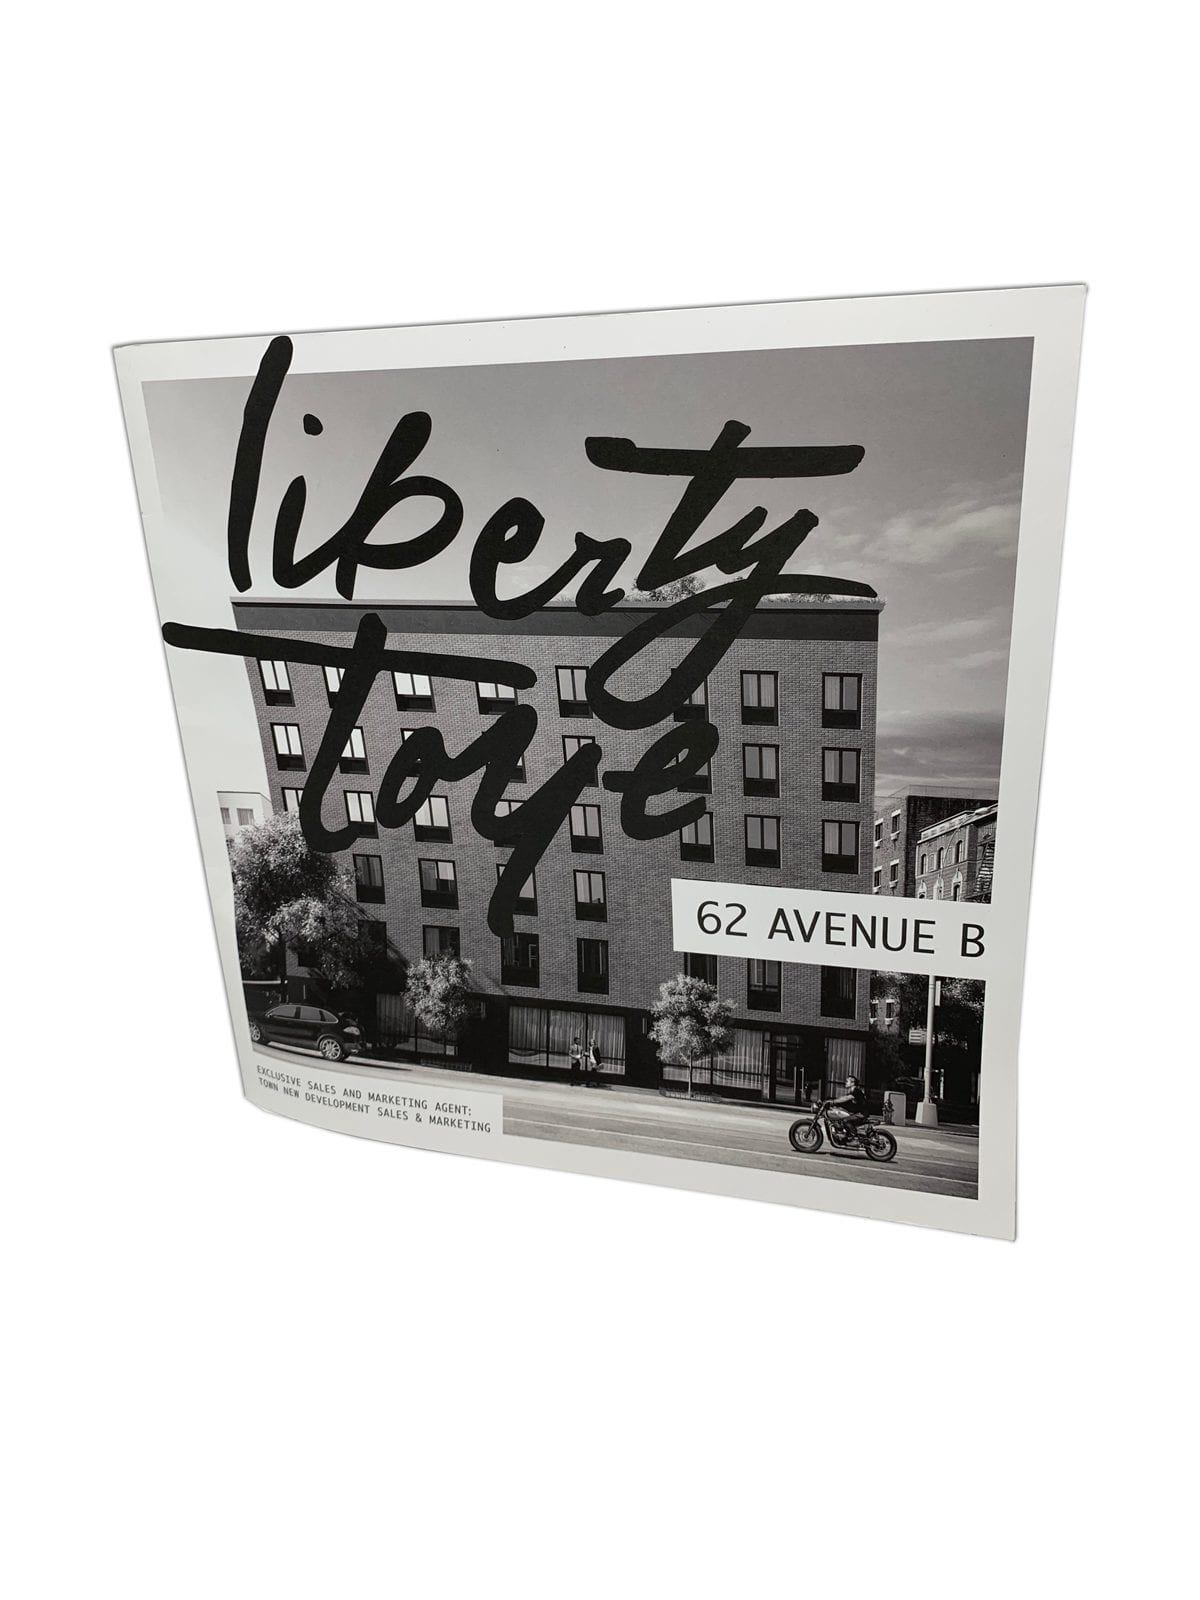 Liberty Toye